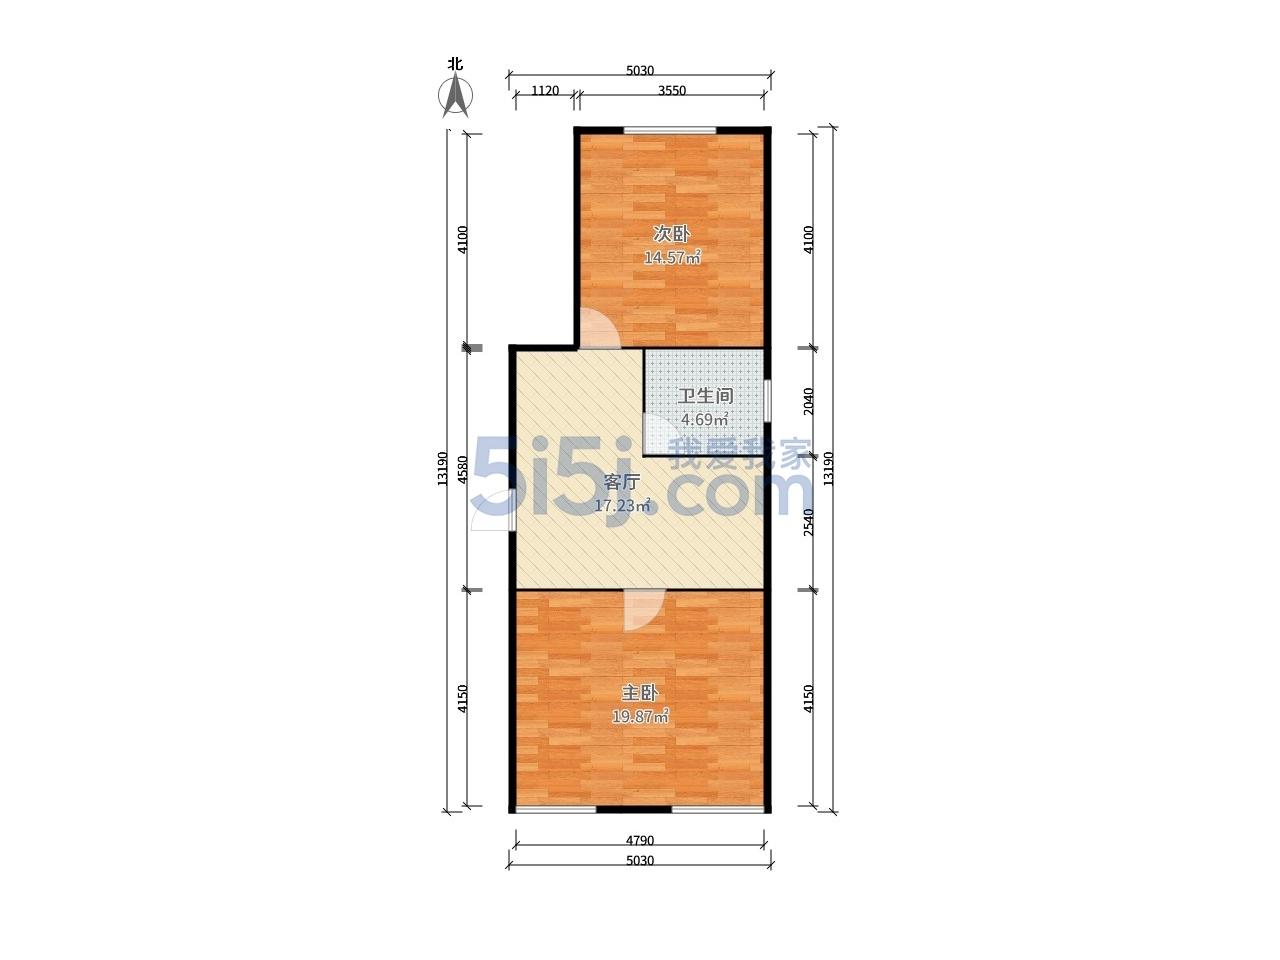 玄武区孝陵卫罗汉巷小区2室1厅户型图